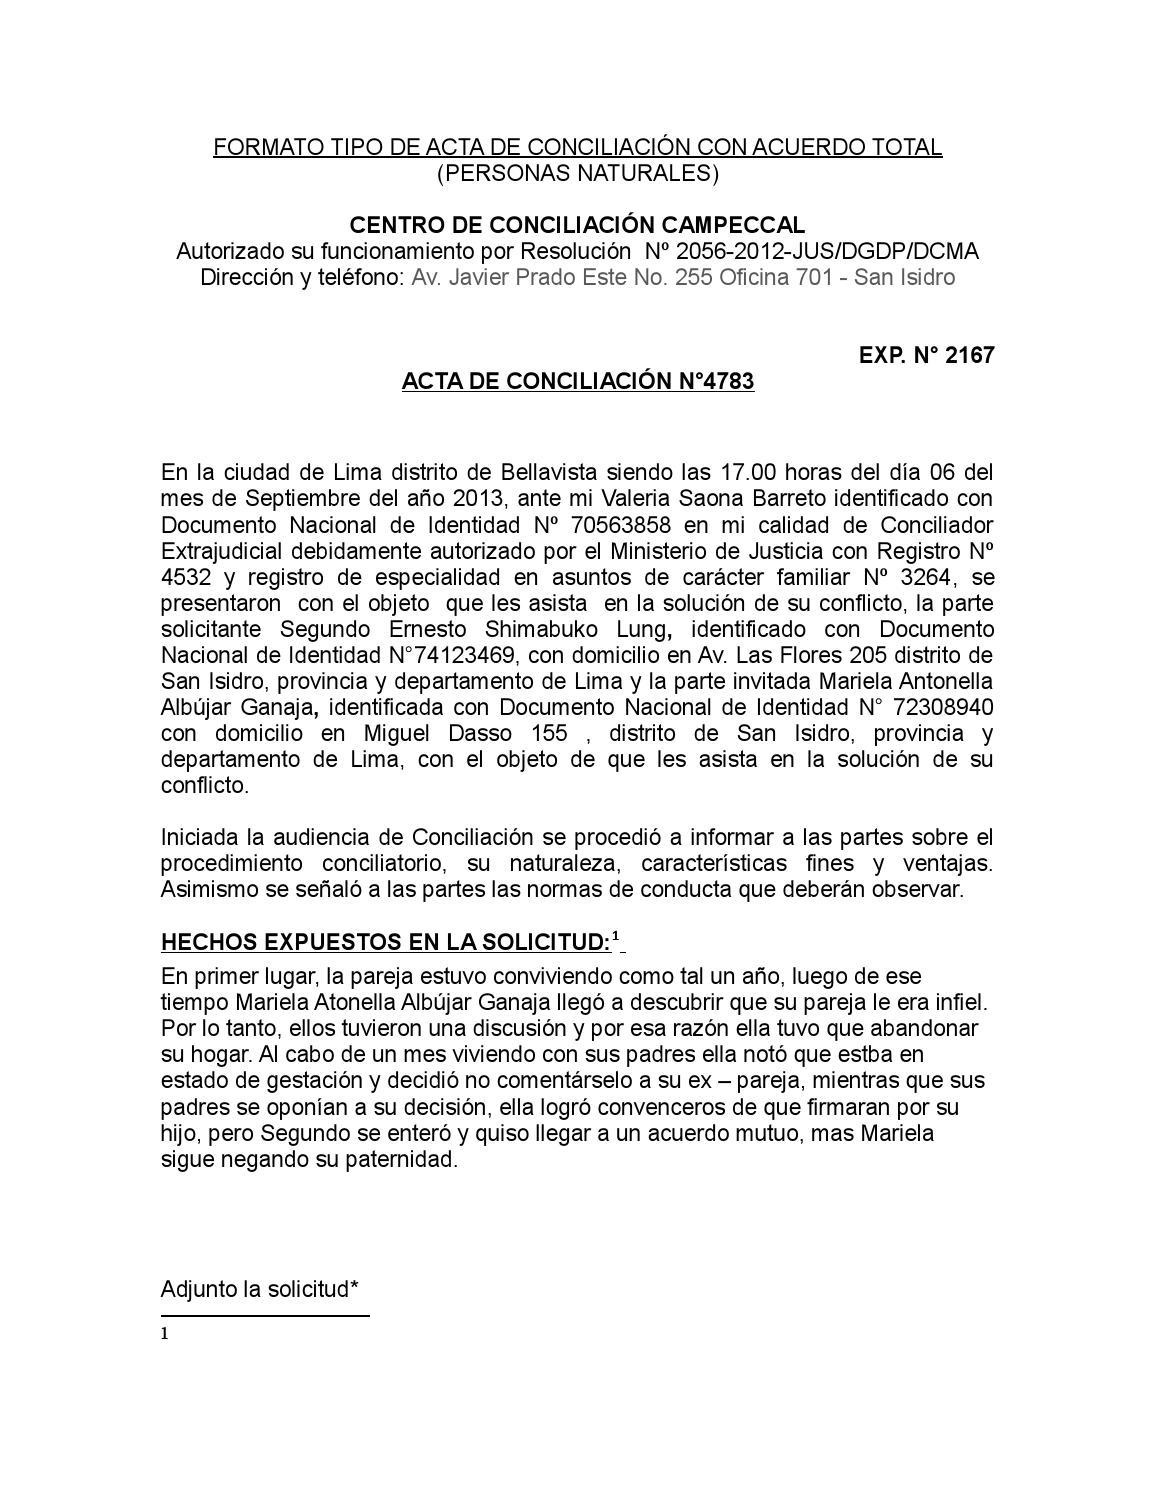 Formato tipo de acta de conciliaci n con acuerdo total by for Modelo acuerdo extrajudicial clausula suelo